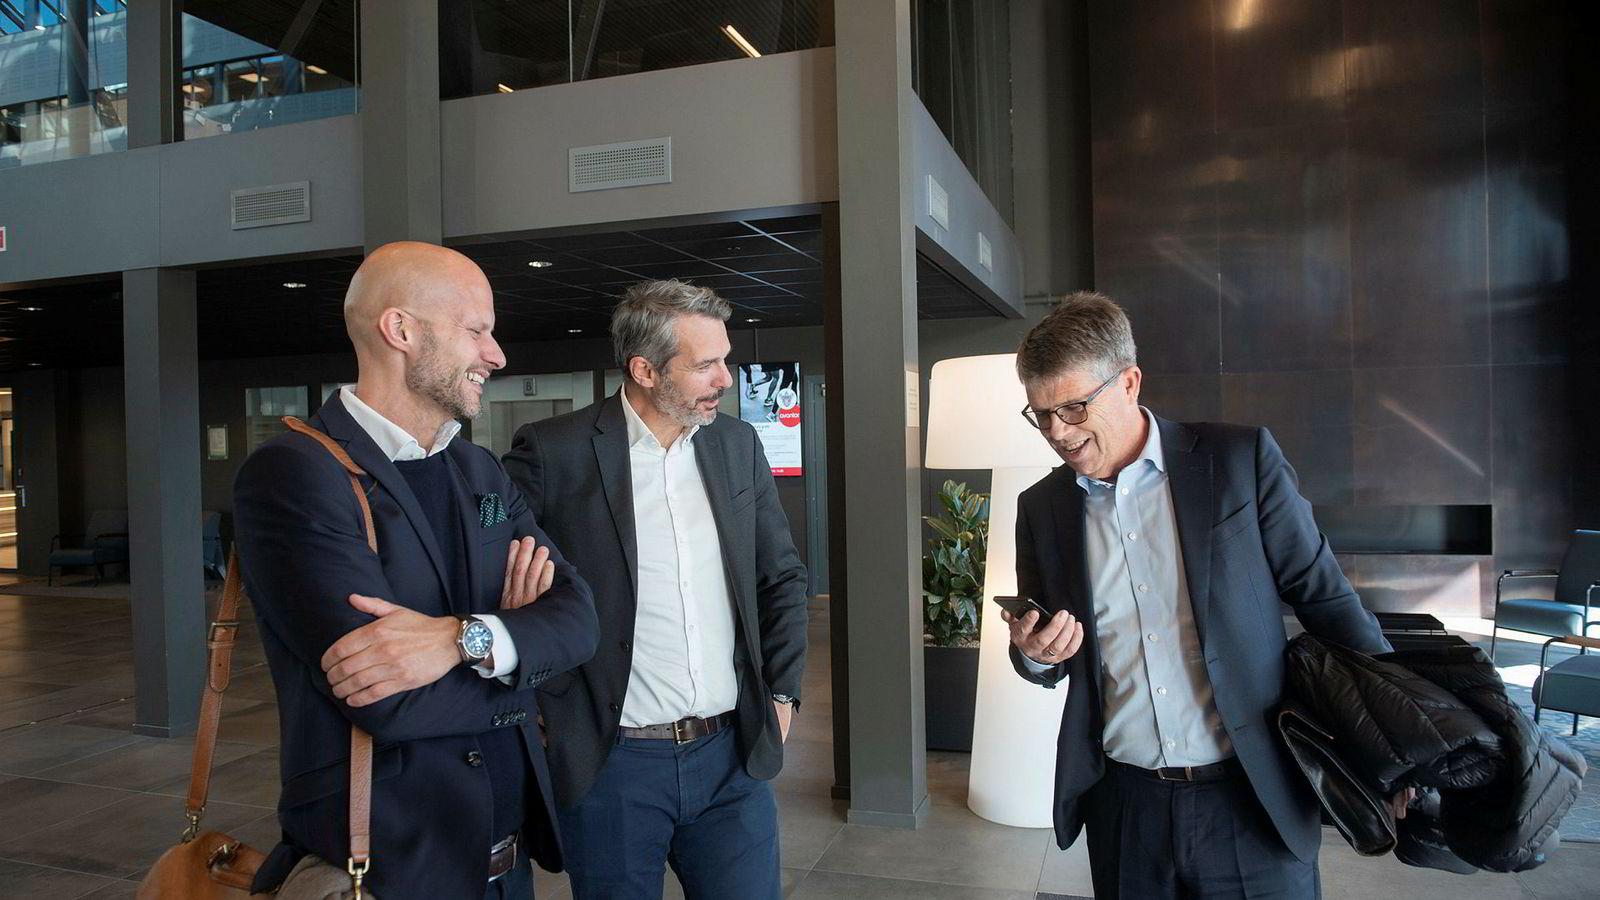 Medinvestor i Nortel, Leif-Arne Langøy (til høyre), sier han fortsatt er Telenor-kunde. – Vi har et sim-kort klart til deg, sier gründer Christian Pritchard (til venstre). I midten står salgssjef Kristian Renaas, tidligere leder for bedriftsmarkedet i Telia.